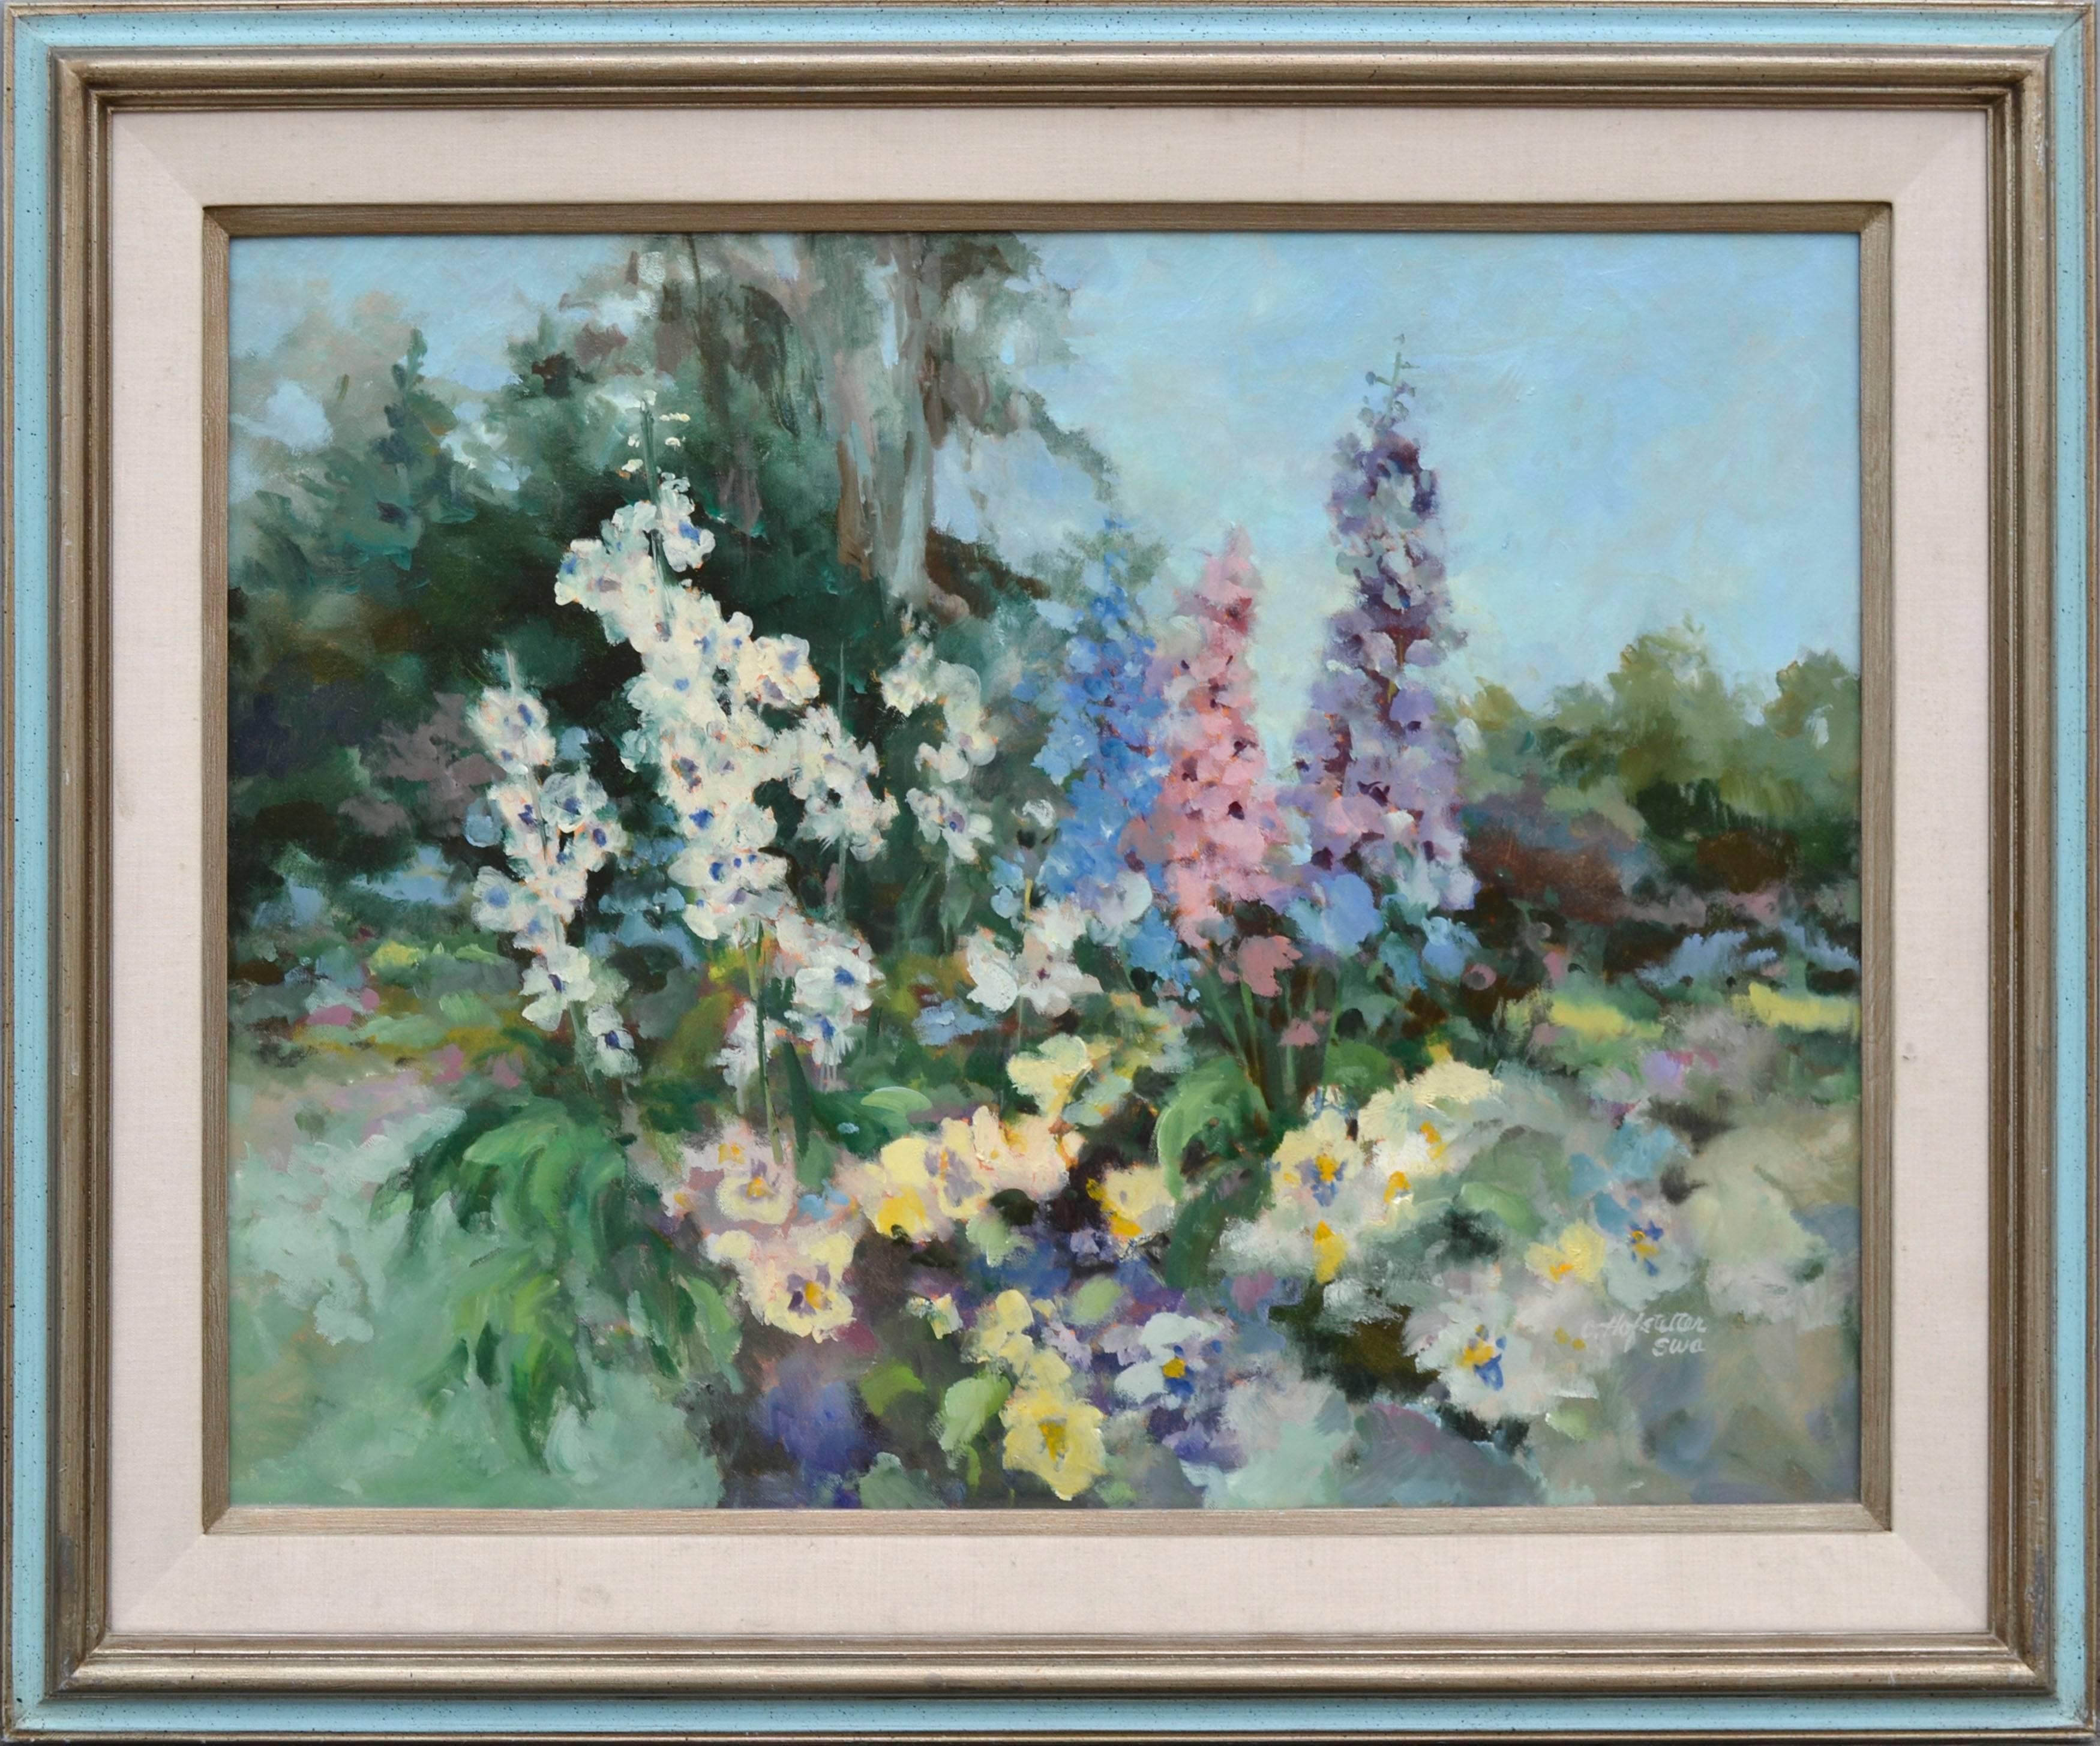 Garden in Bloom - Floral Landscape